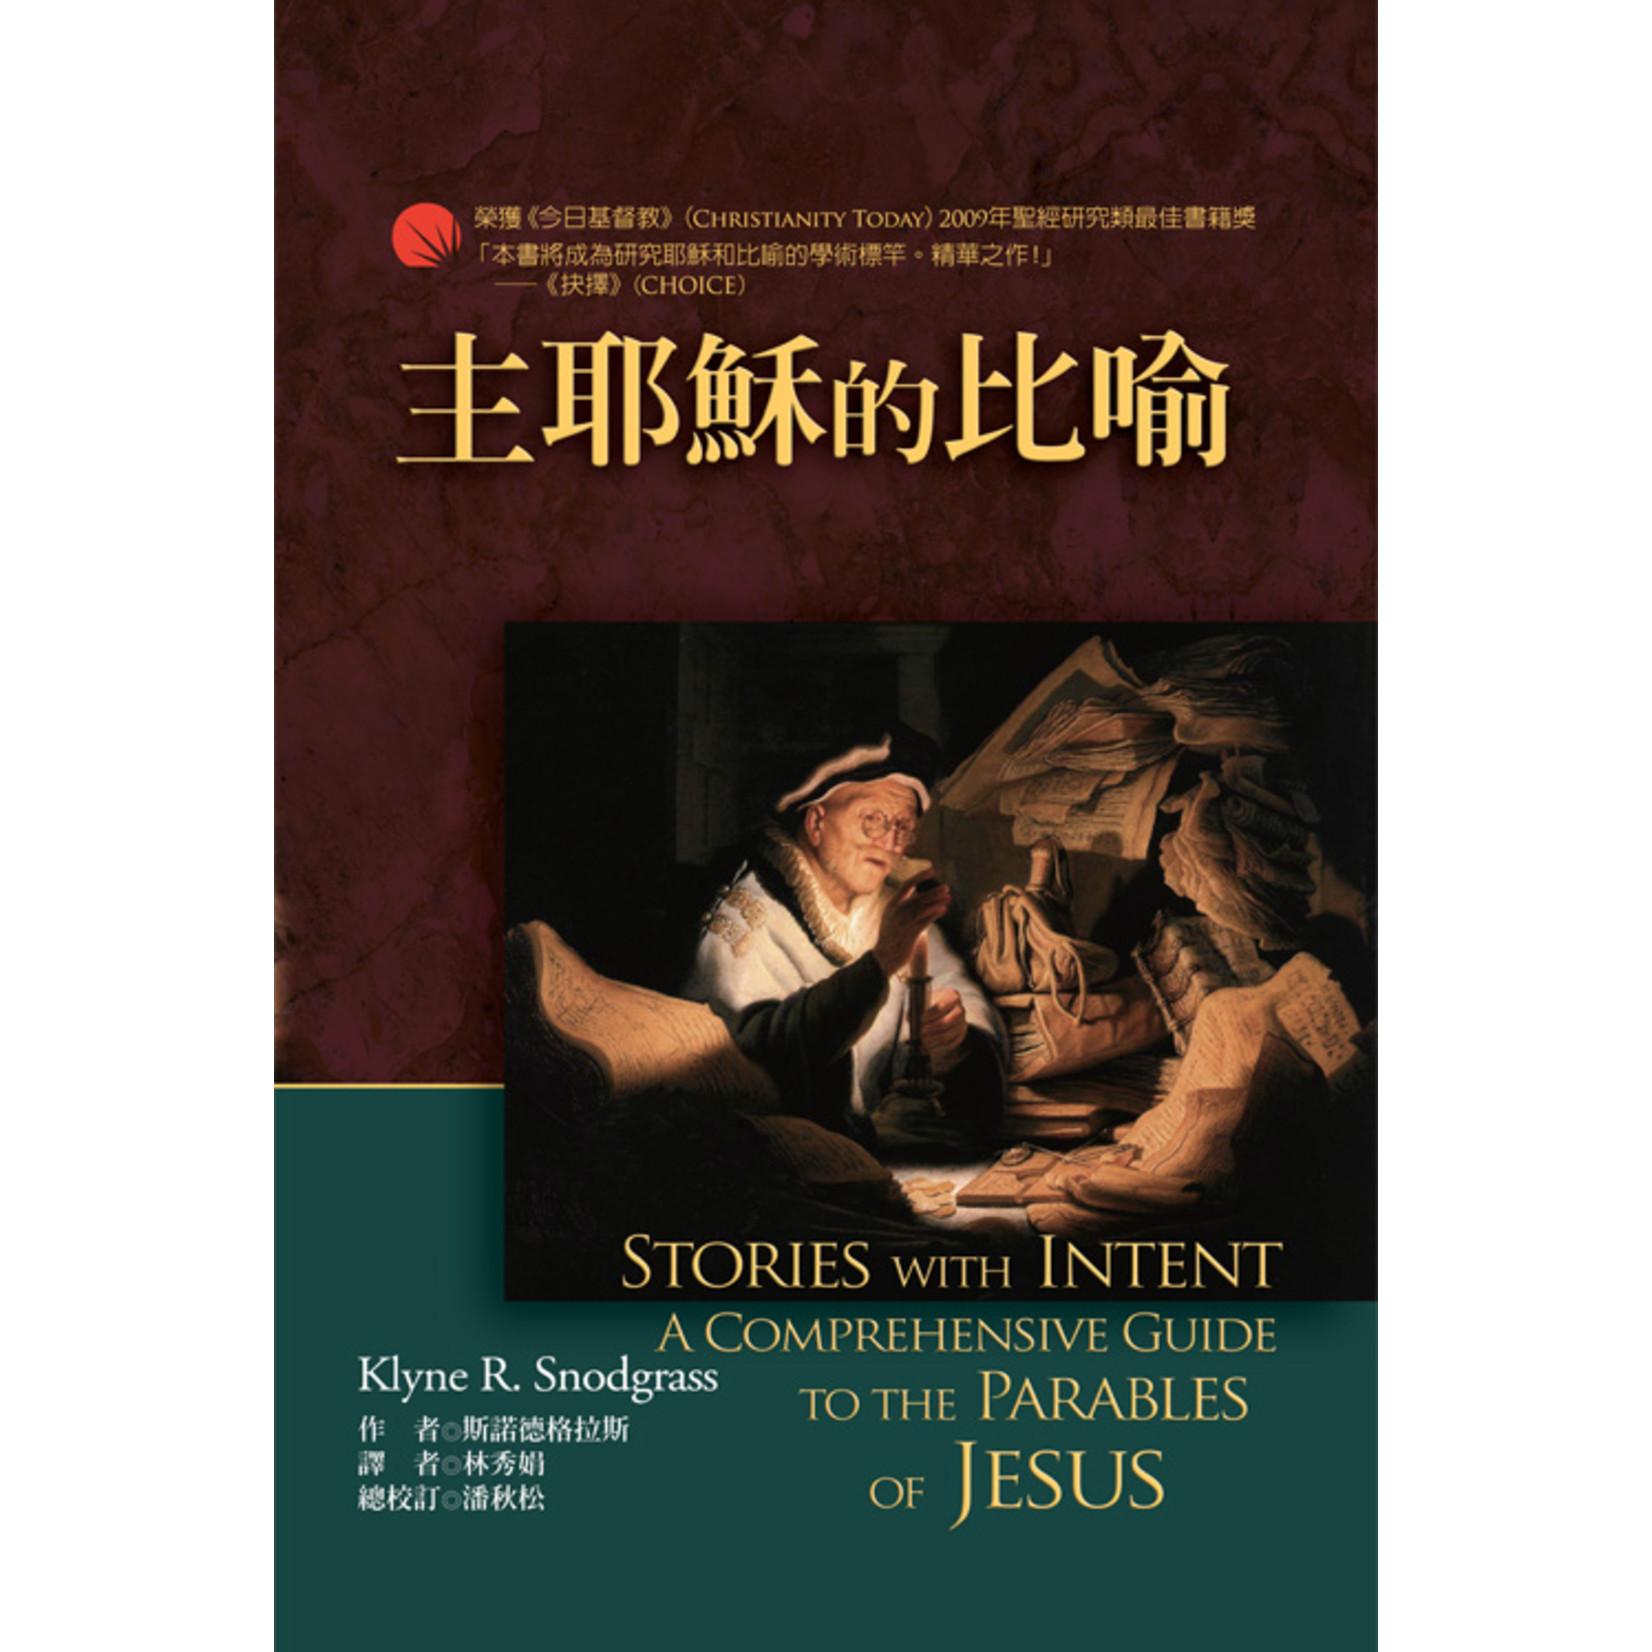 美國麥種傳道會 AKOWCM 主耶穌的比喻 Stories with Intent  – A Comprehensive Guide to the Parables of Jesus (traditional Chinese)